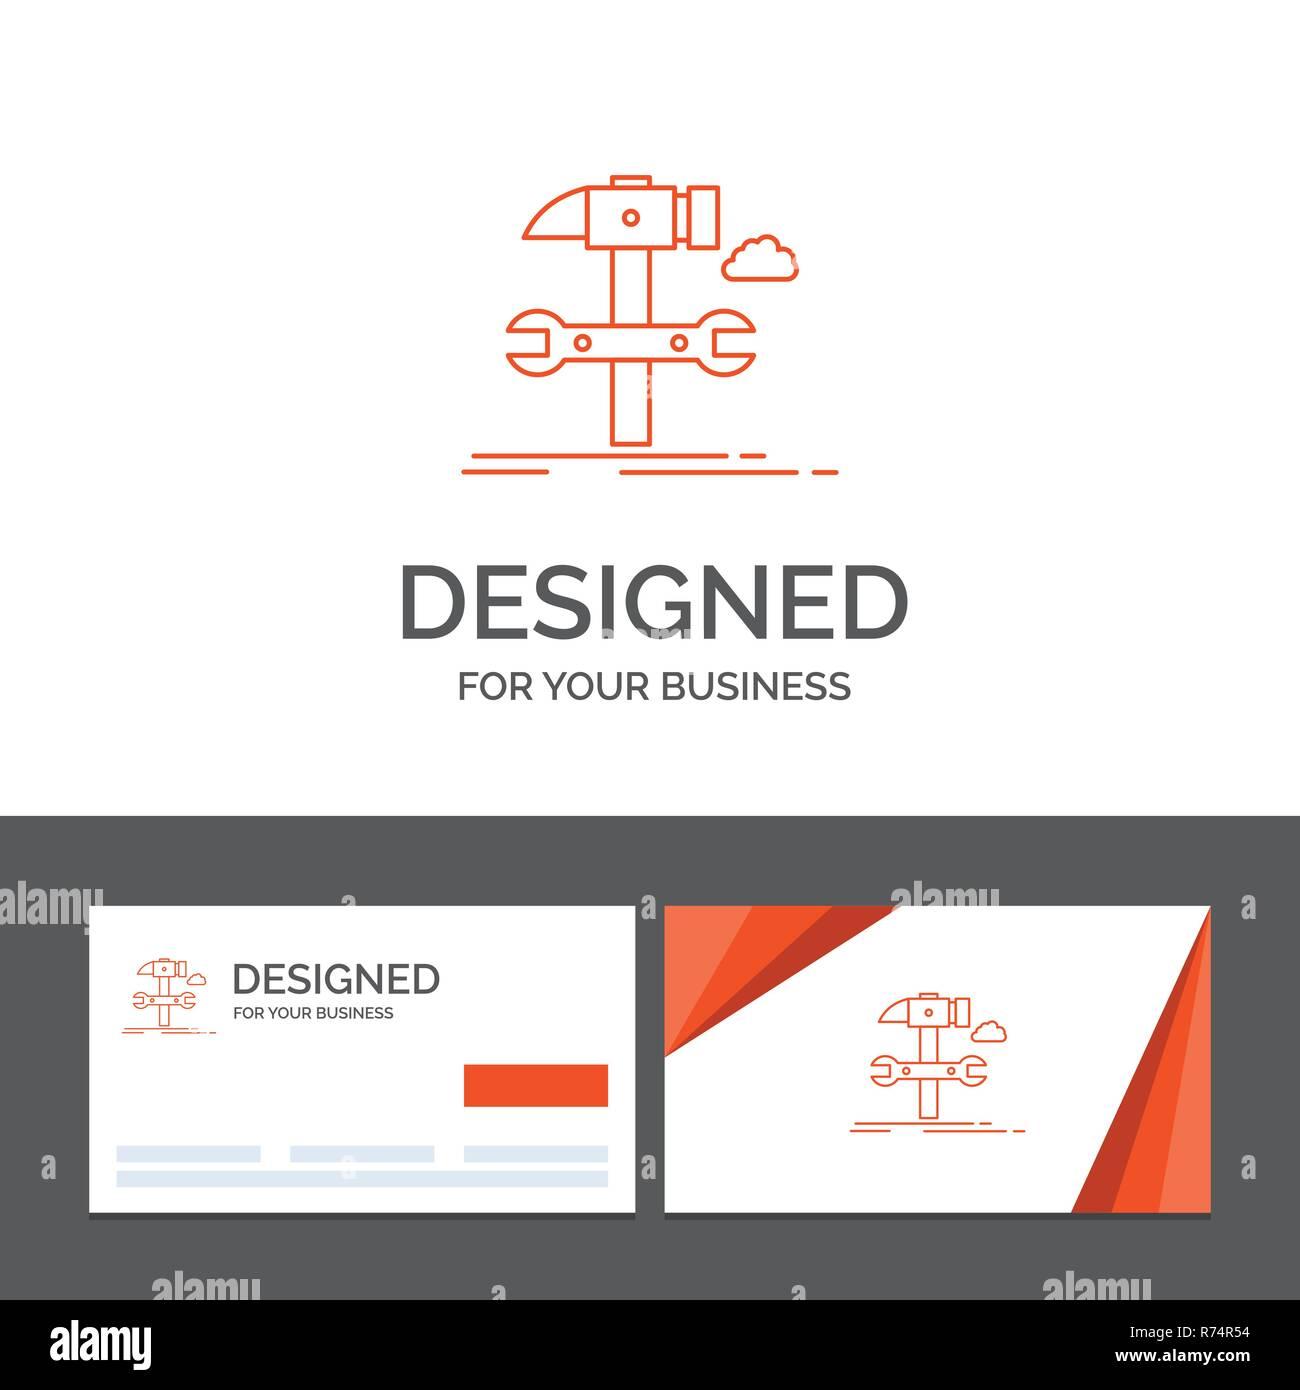 Logo Dentreprise Modele Pour Construire Lingenierie Marteau Reparation Service Cartes De Visite Orange Avec Marque Template